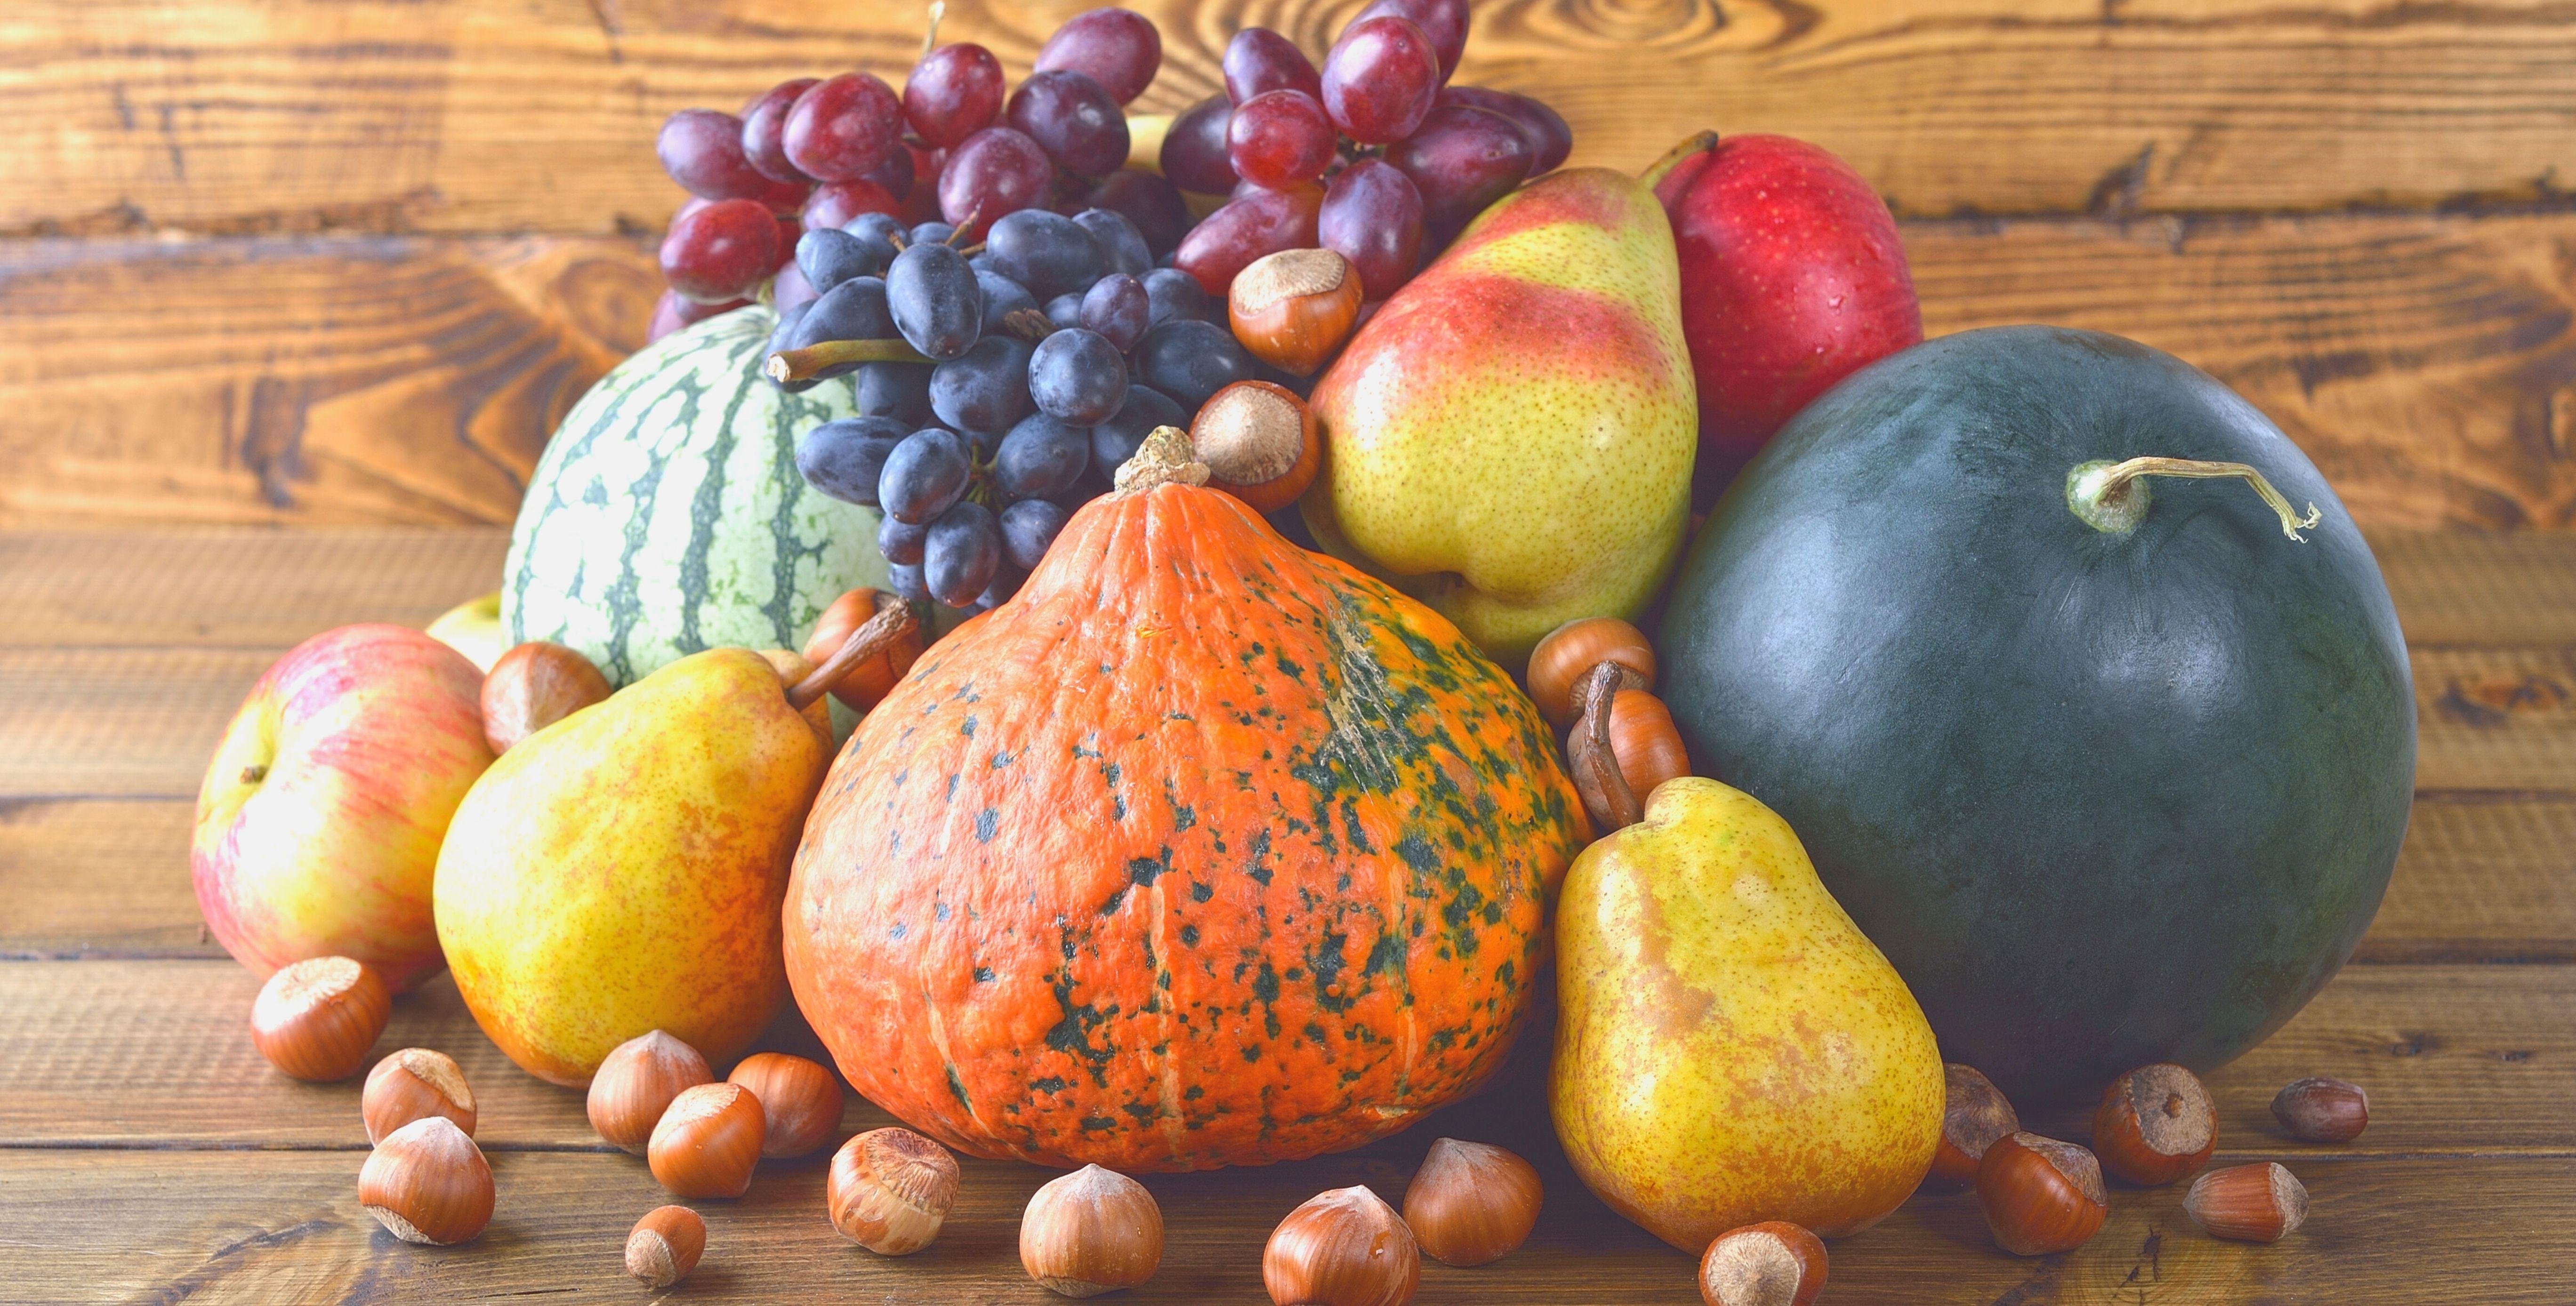 Renforcer son système immunitaire en mangeant des fruits et légumes de saison